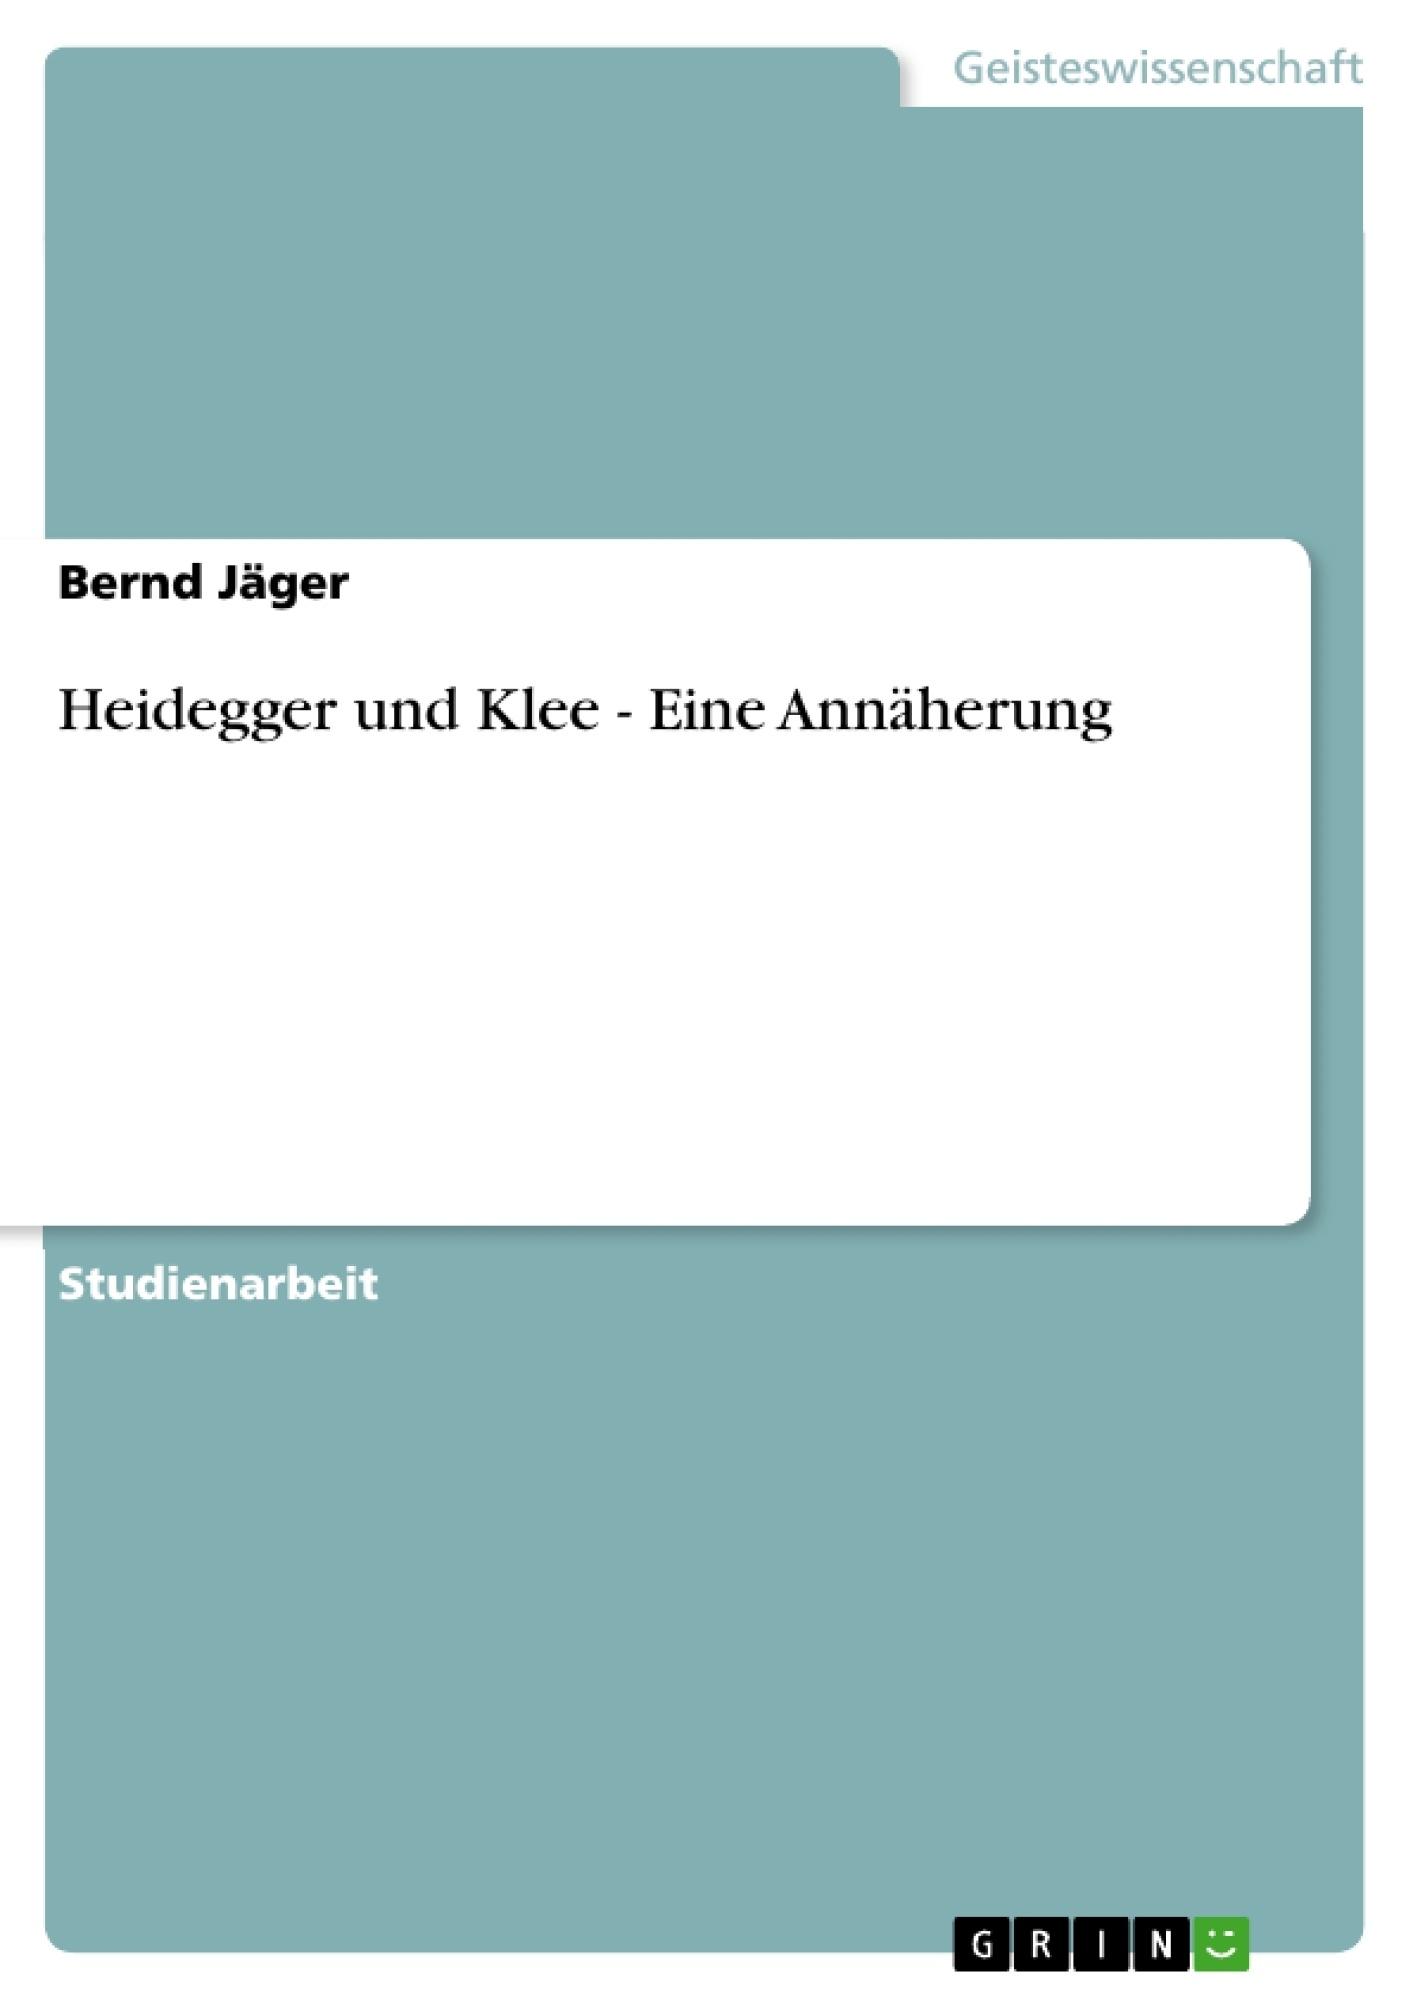 Titel: Heidegger und Klee - Eine Annäherung